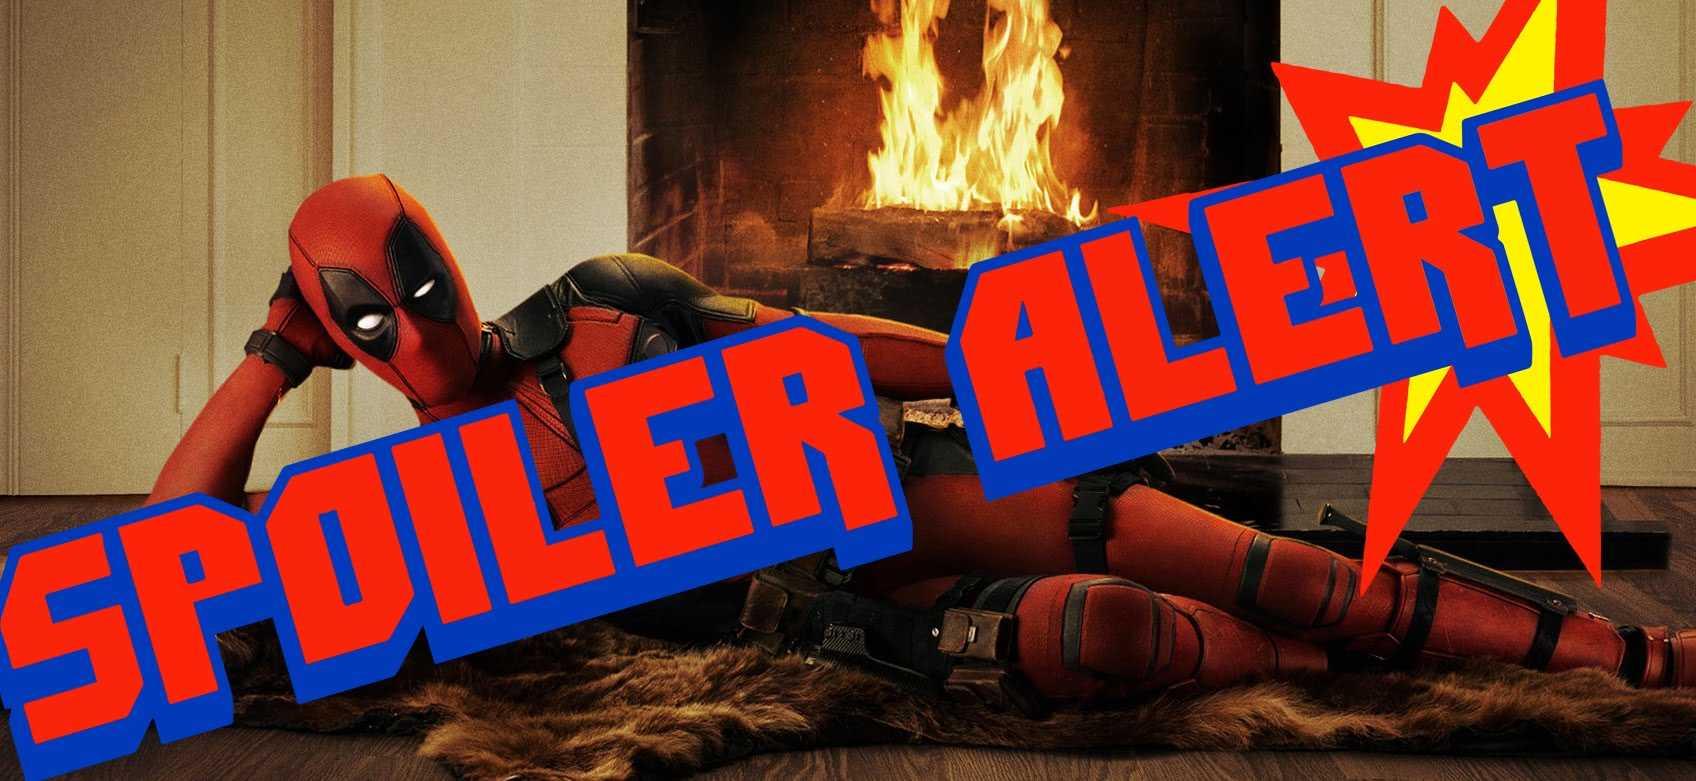 Marvel Announces New Hulk Title Featuring Jennifer Walters | Jennifer Walters